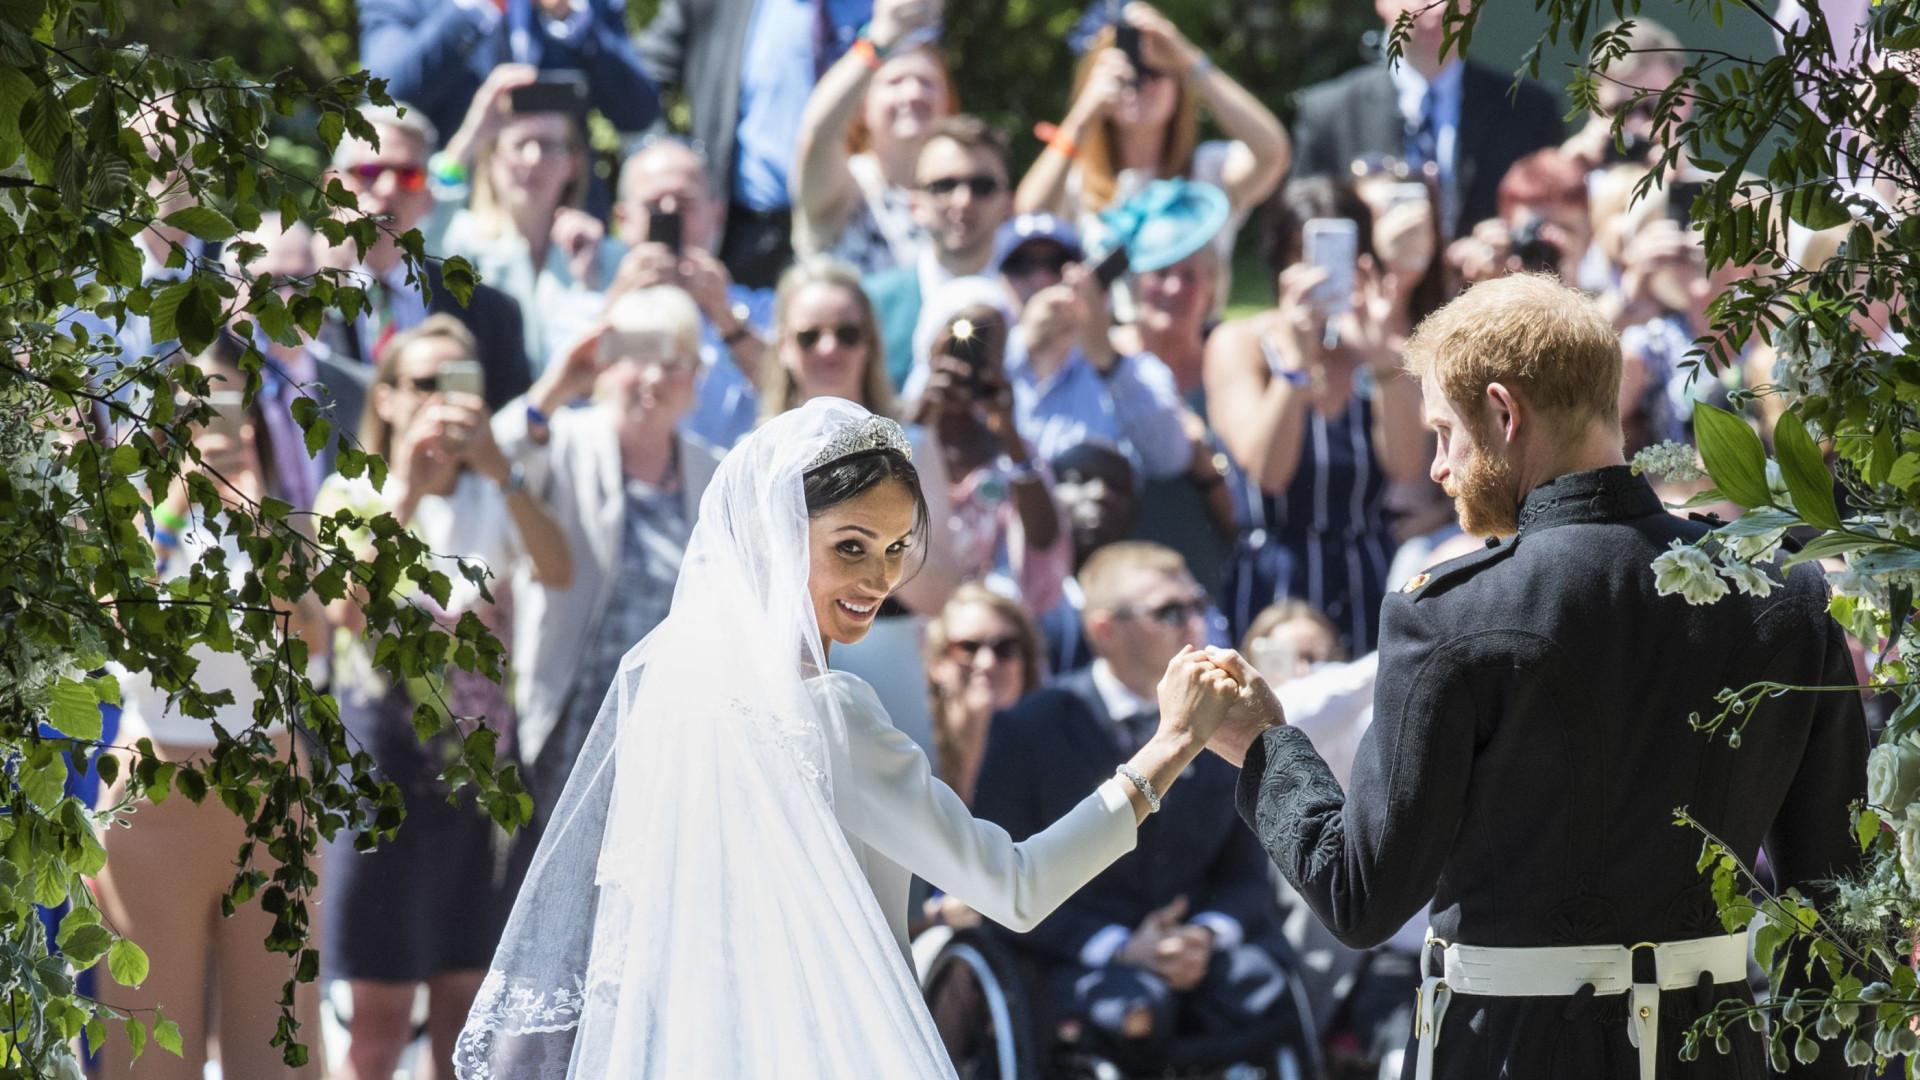 Harry e Meghan Markle quebraram protocolo real durante casamento